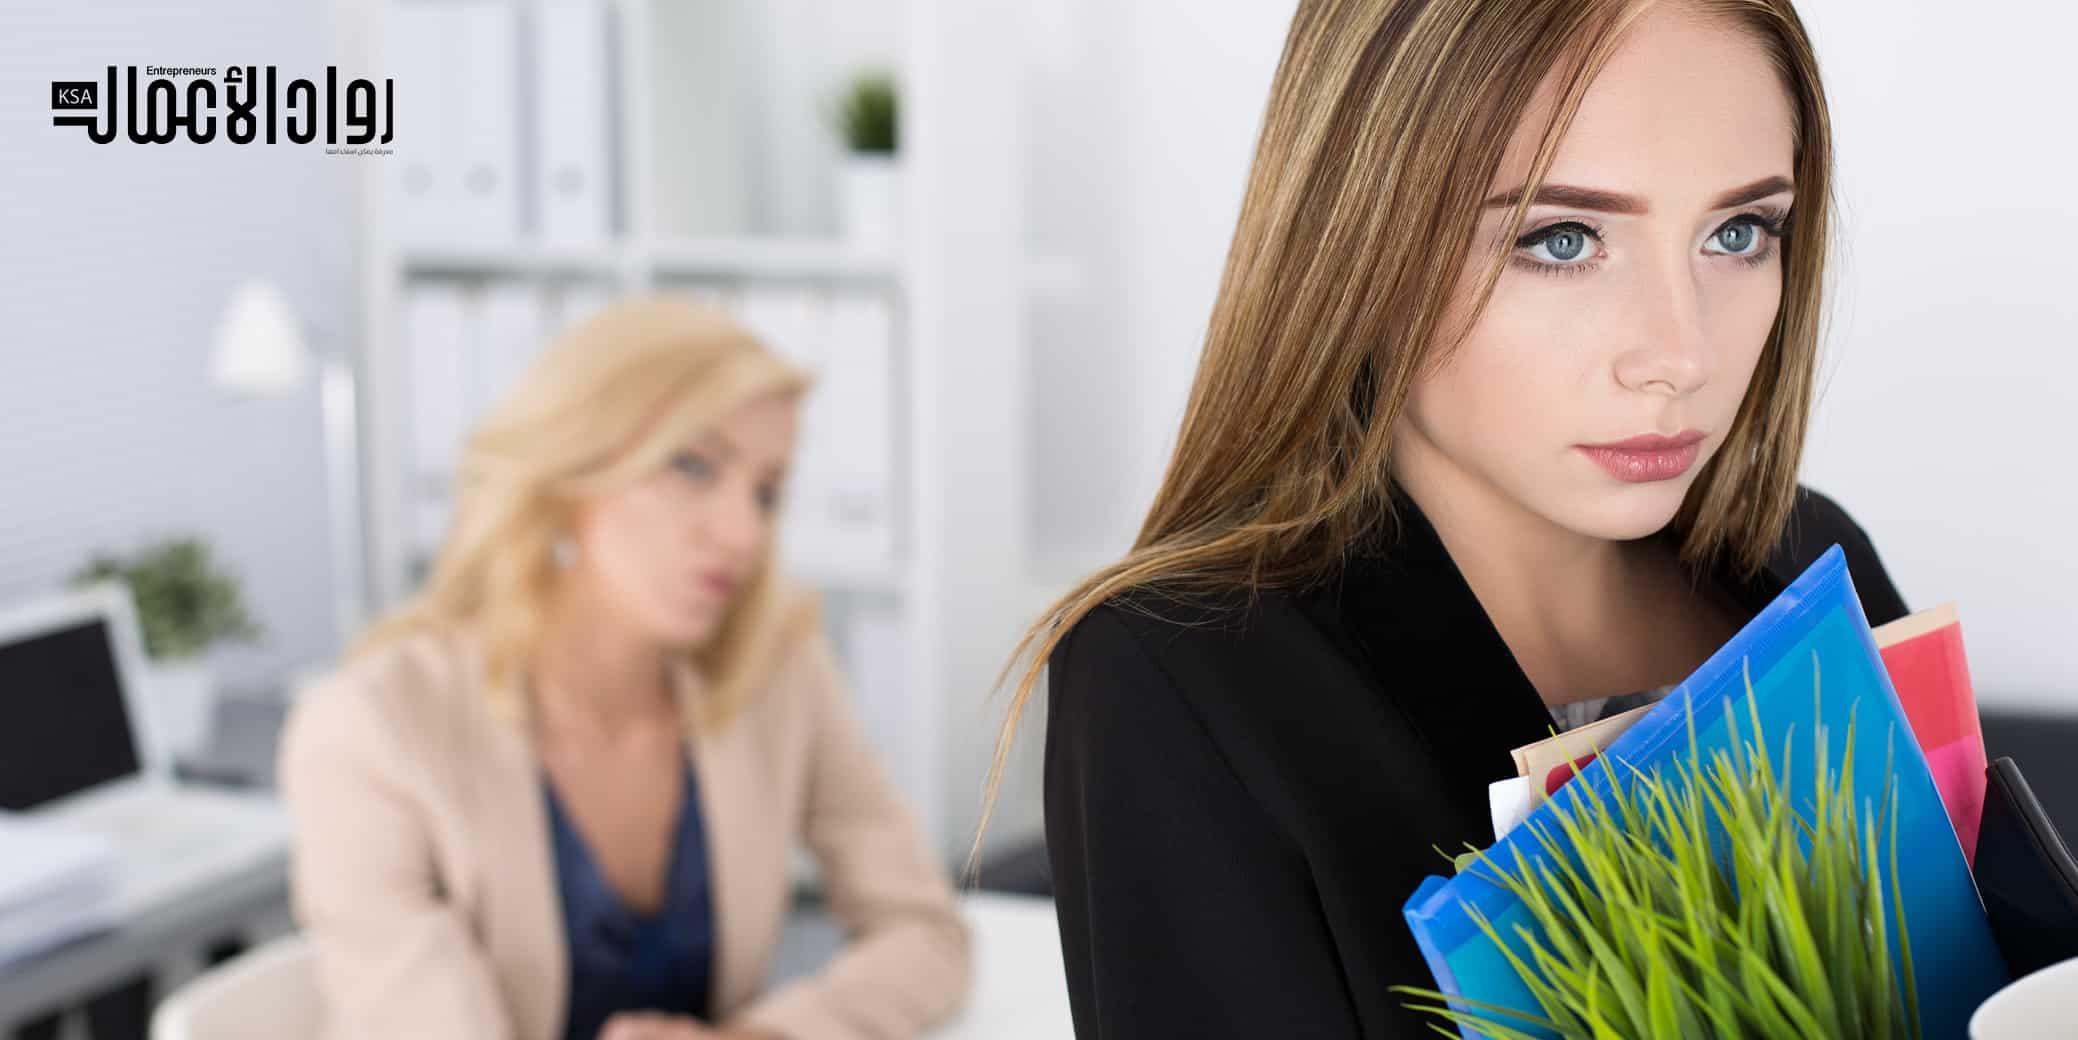 متى تقرر ترك الوظيفة؟